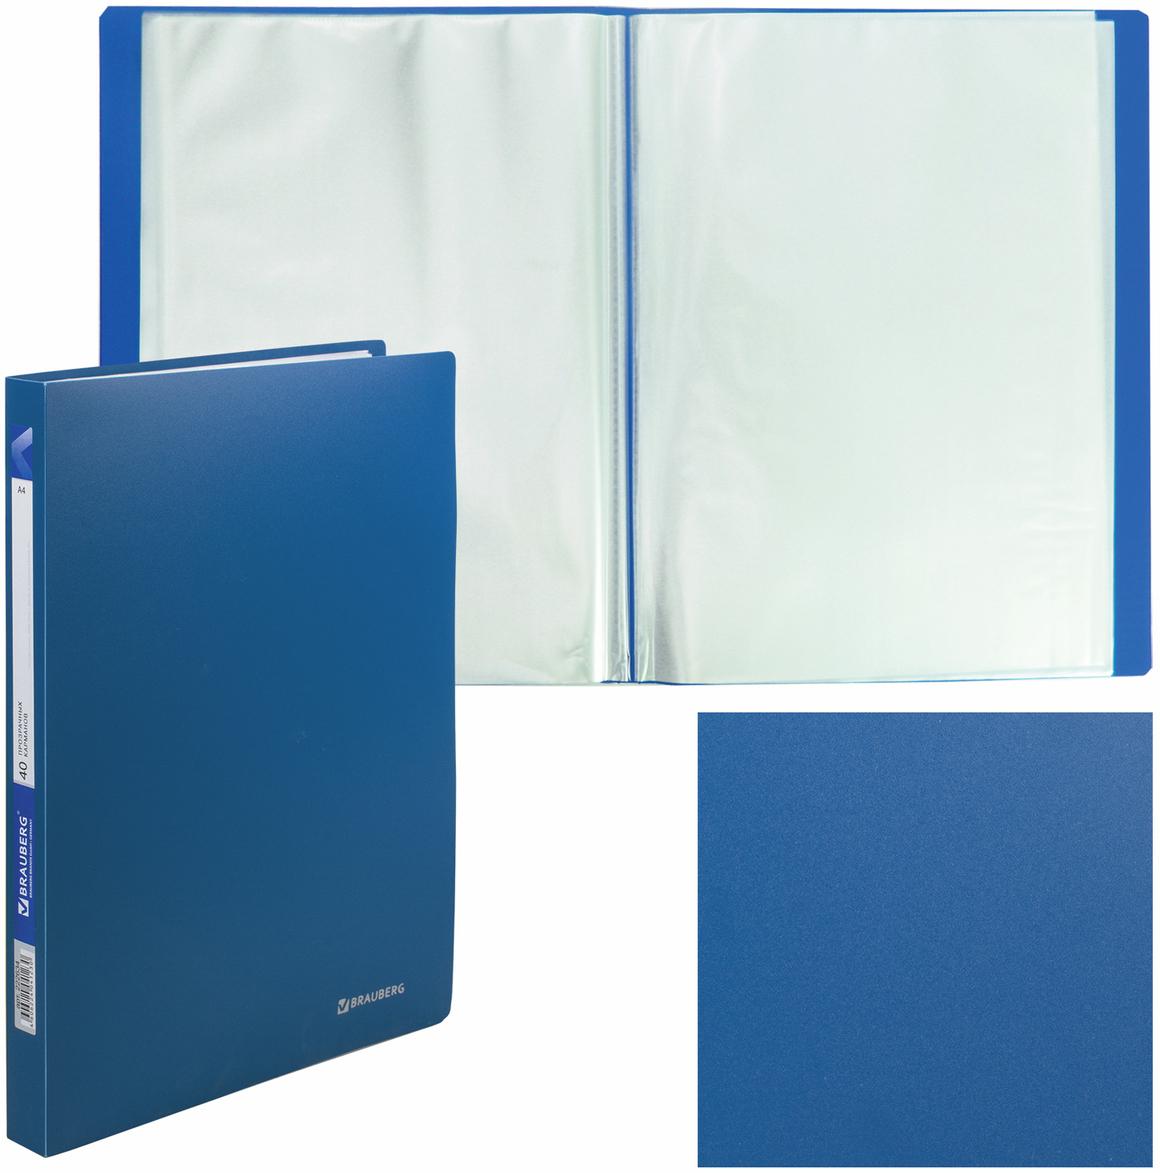 Brauberg Папка Office цвет синий 222634222634Папка удобна для хранения документов, составления каталогов, меню и т.п. На корешок наклеена этикетка для маркировки содержимого. Современный, привлекательный дизайн, отличное качество, доступная цена.